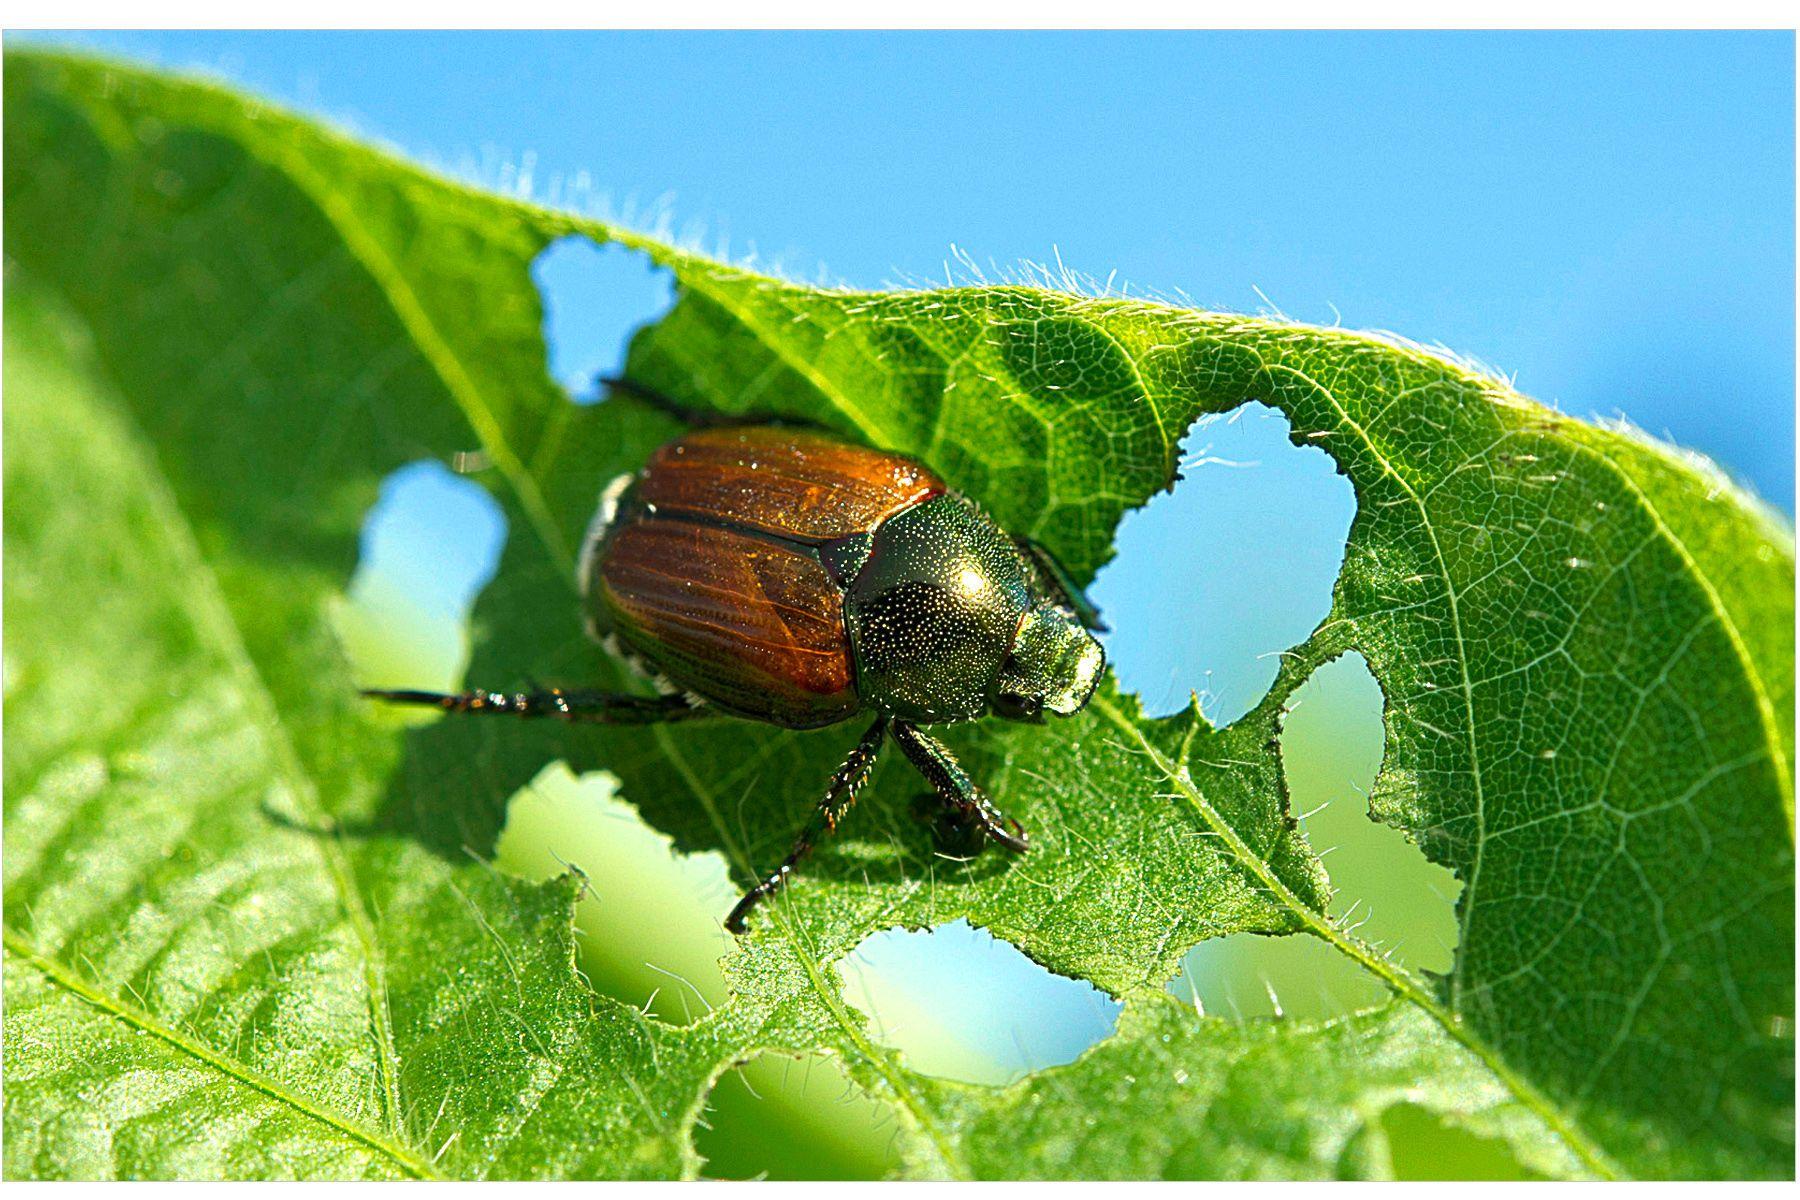 Japeneese Beetle eating Soy Beans - Bad Bug